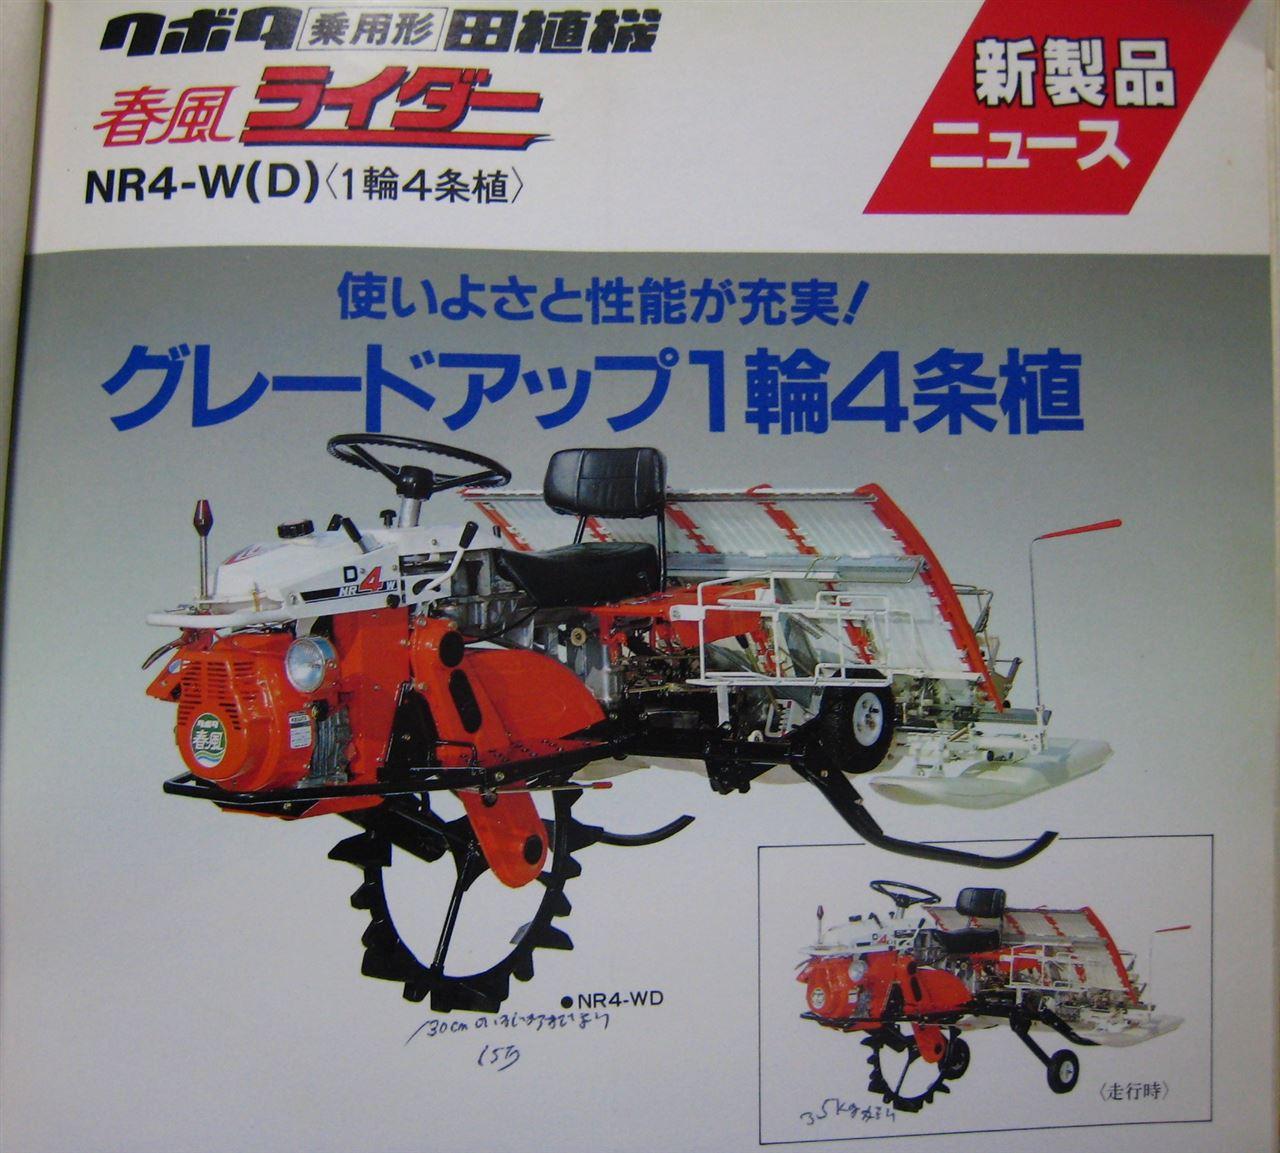 春風ライダー(型番?はNSR)という田植機があったときいて調べてみると、一番先に見つかったのがこれ。メチャメチャカッコいいじゃないですか!!!何だか複葉機みたい。特に走行時の車輪が航空機っぽい。